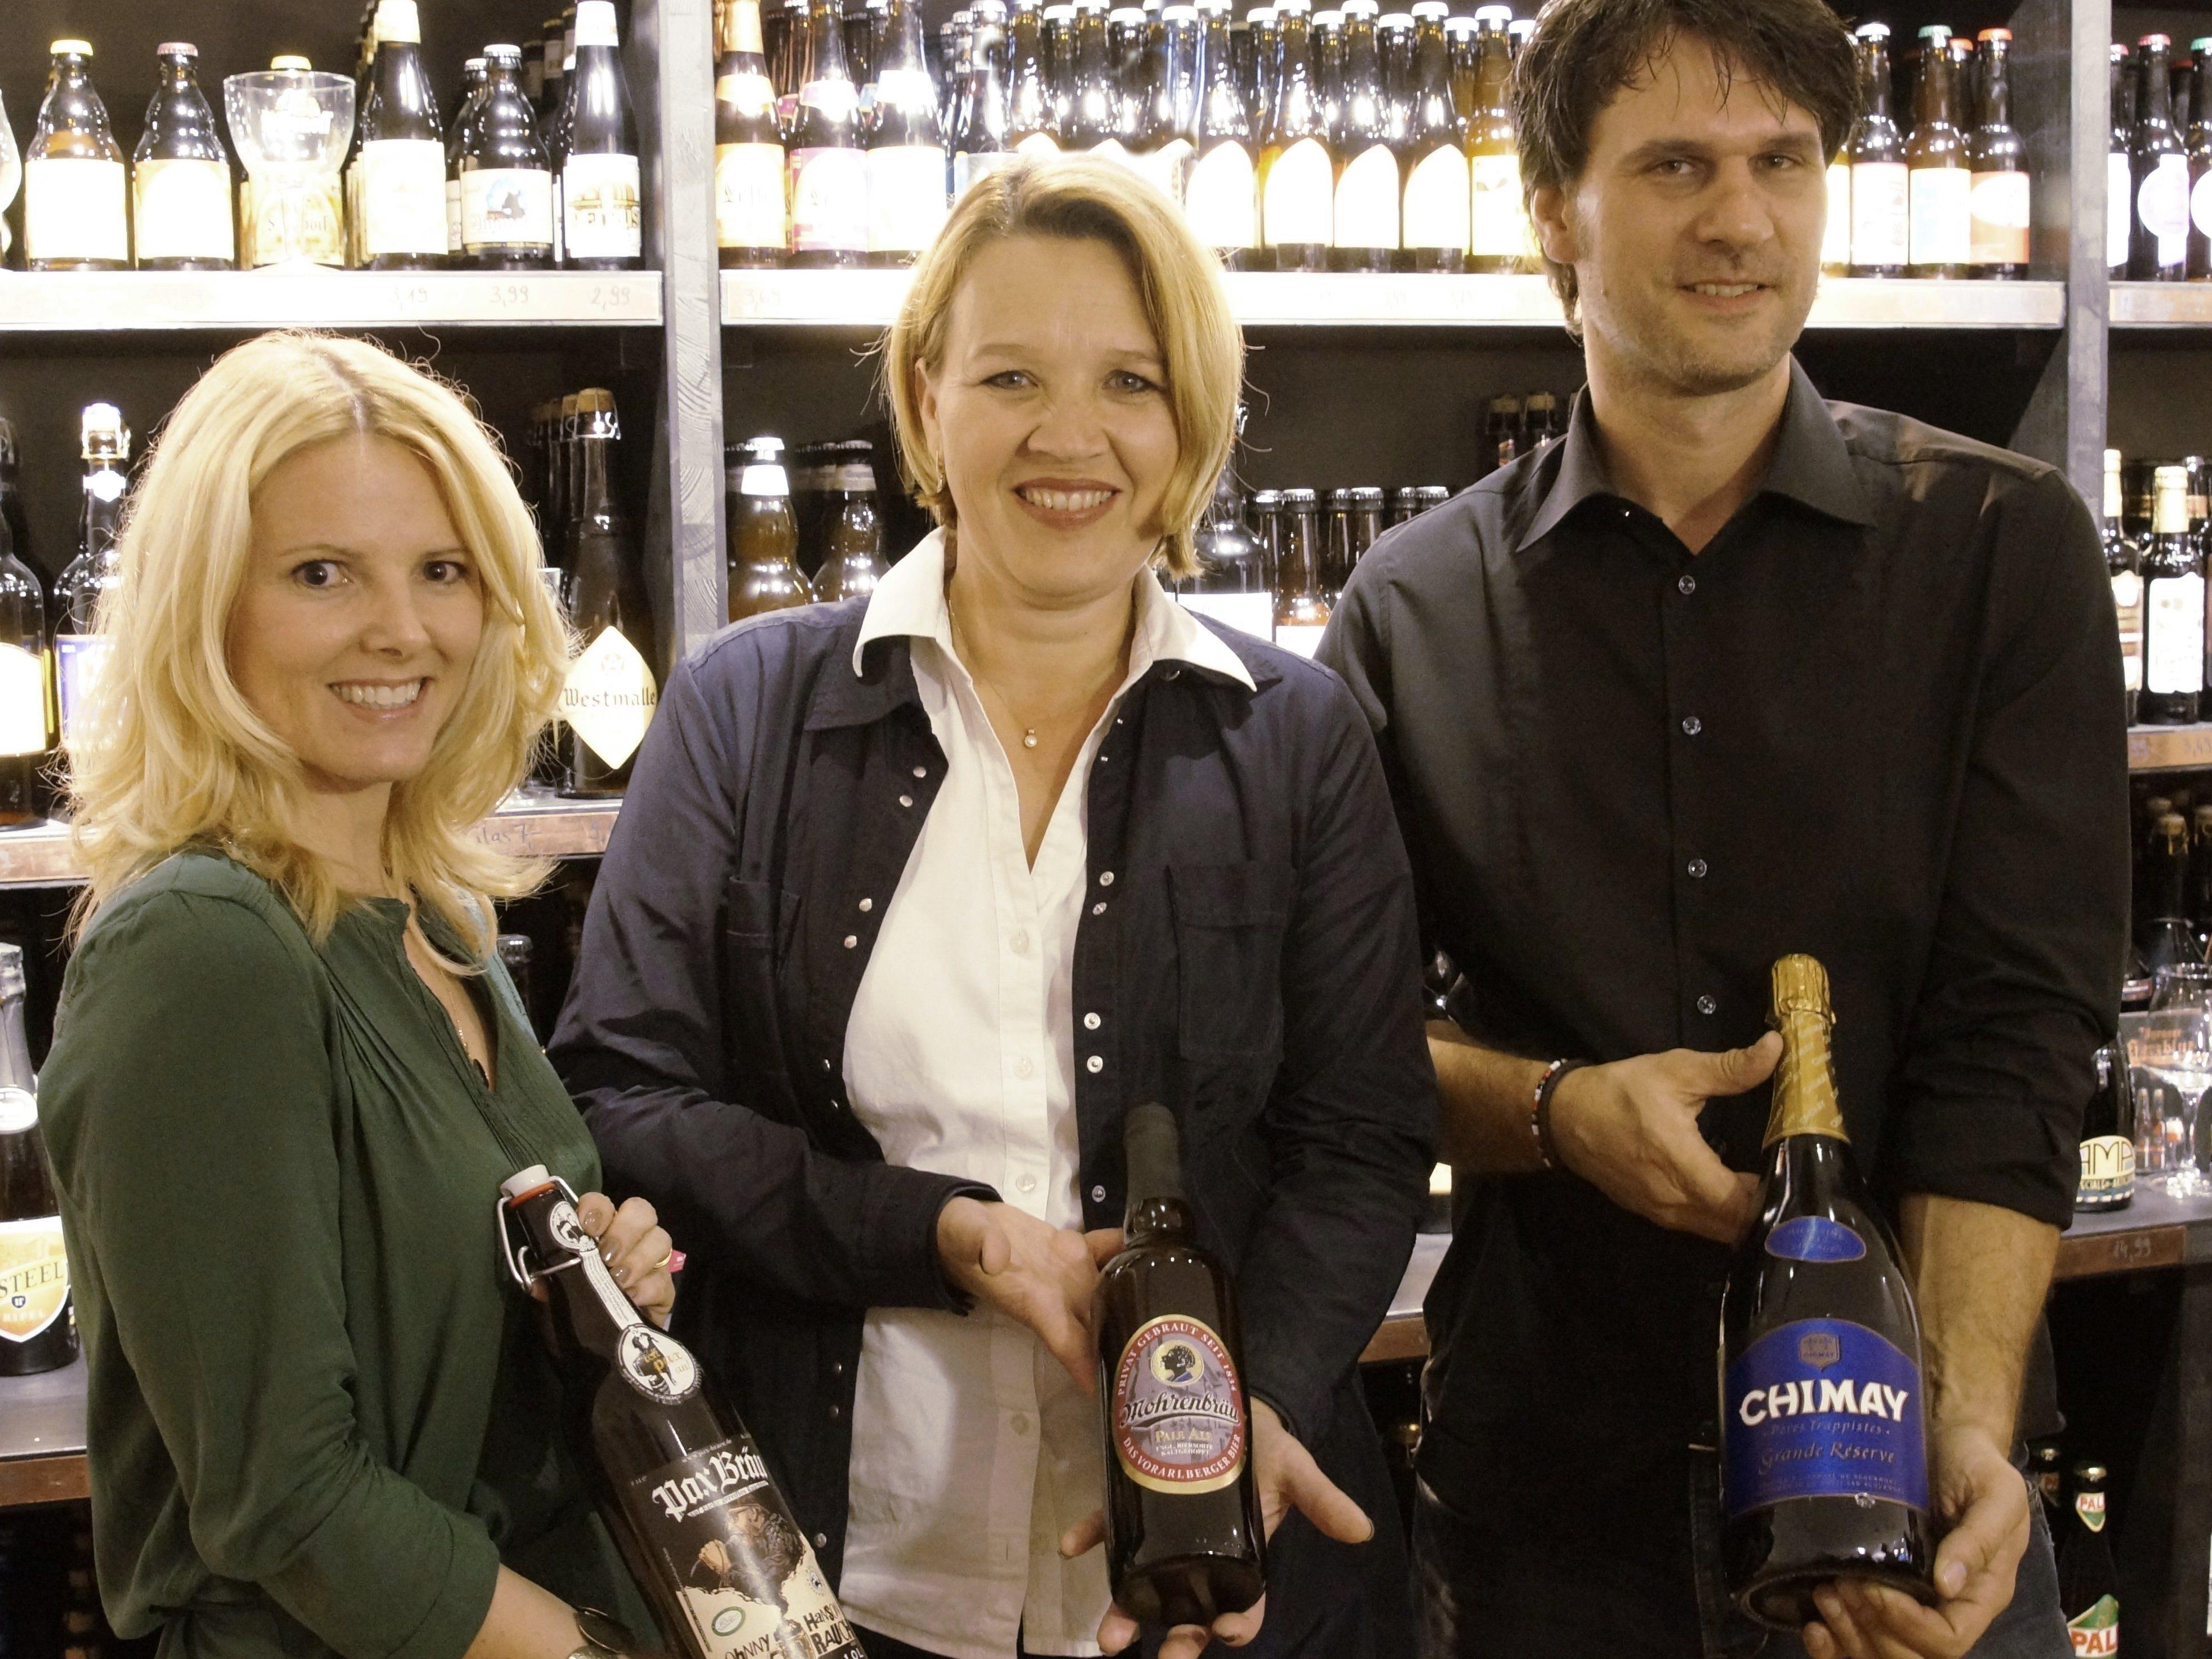 Am Samstag wird der erste Vorarlberger Biershop eröffnet.